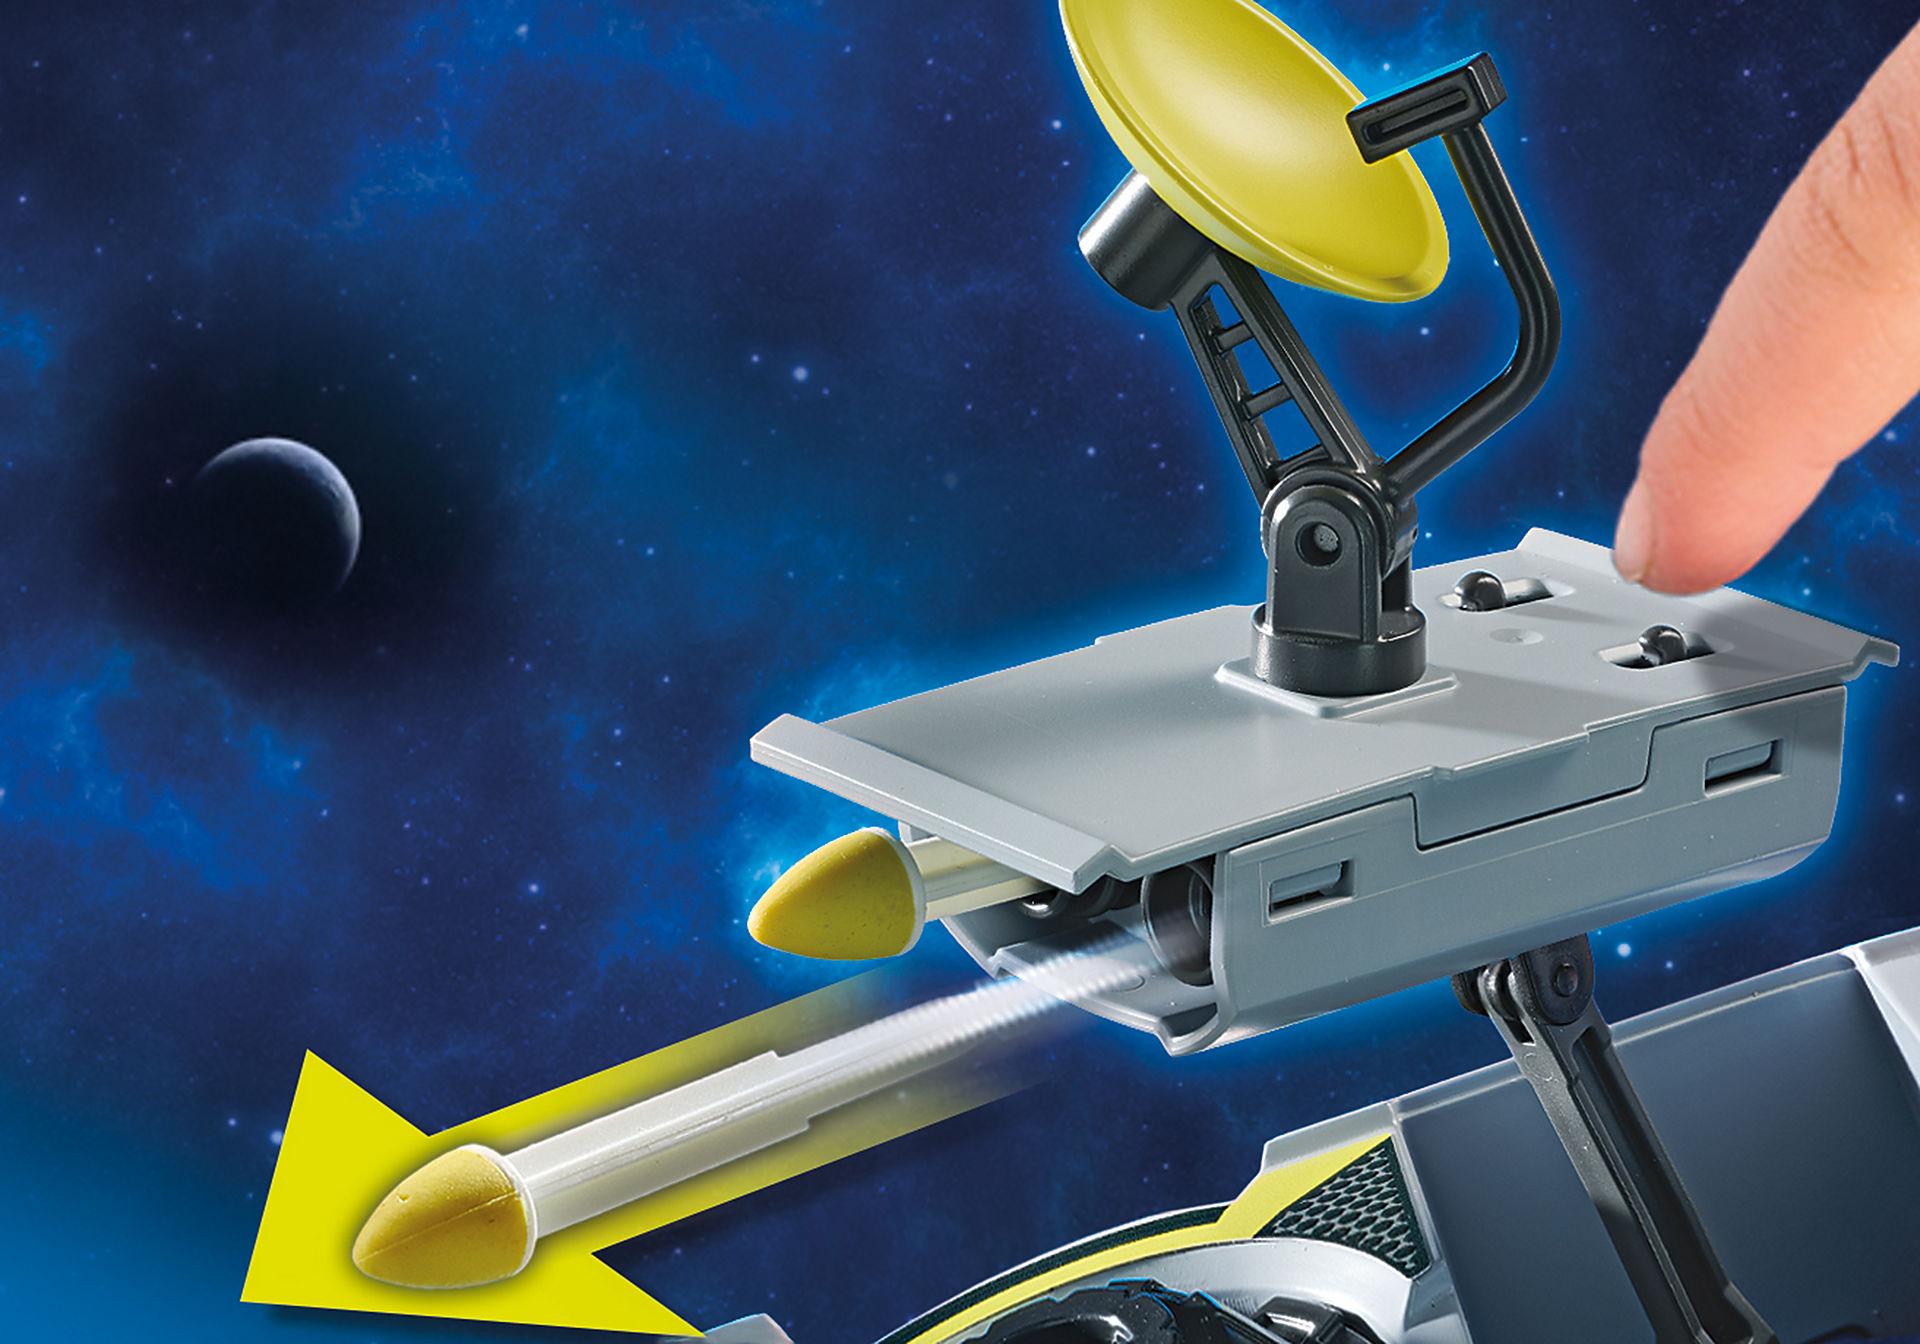 70018 Űrrendőrség - Teherautó zoom image7